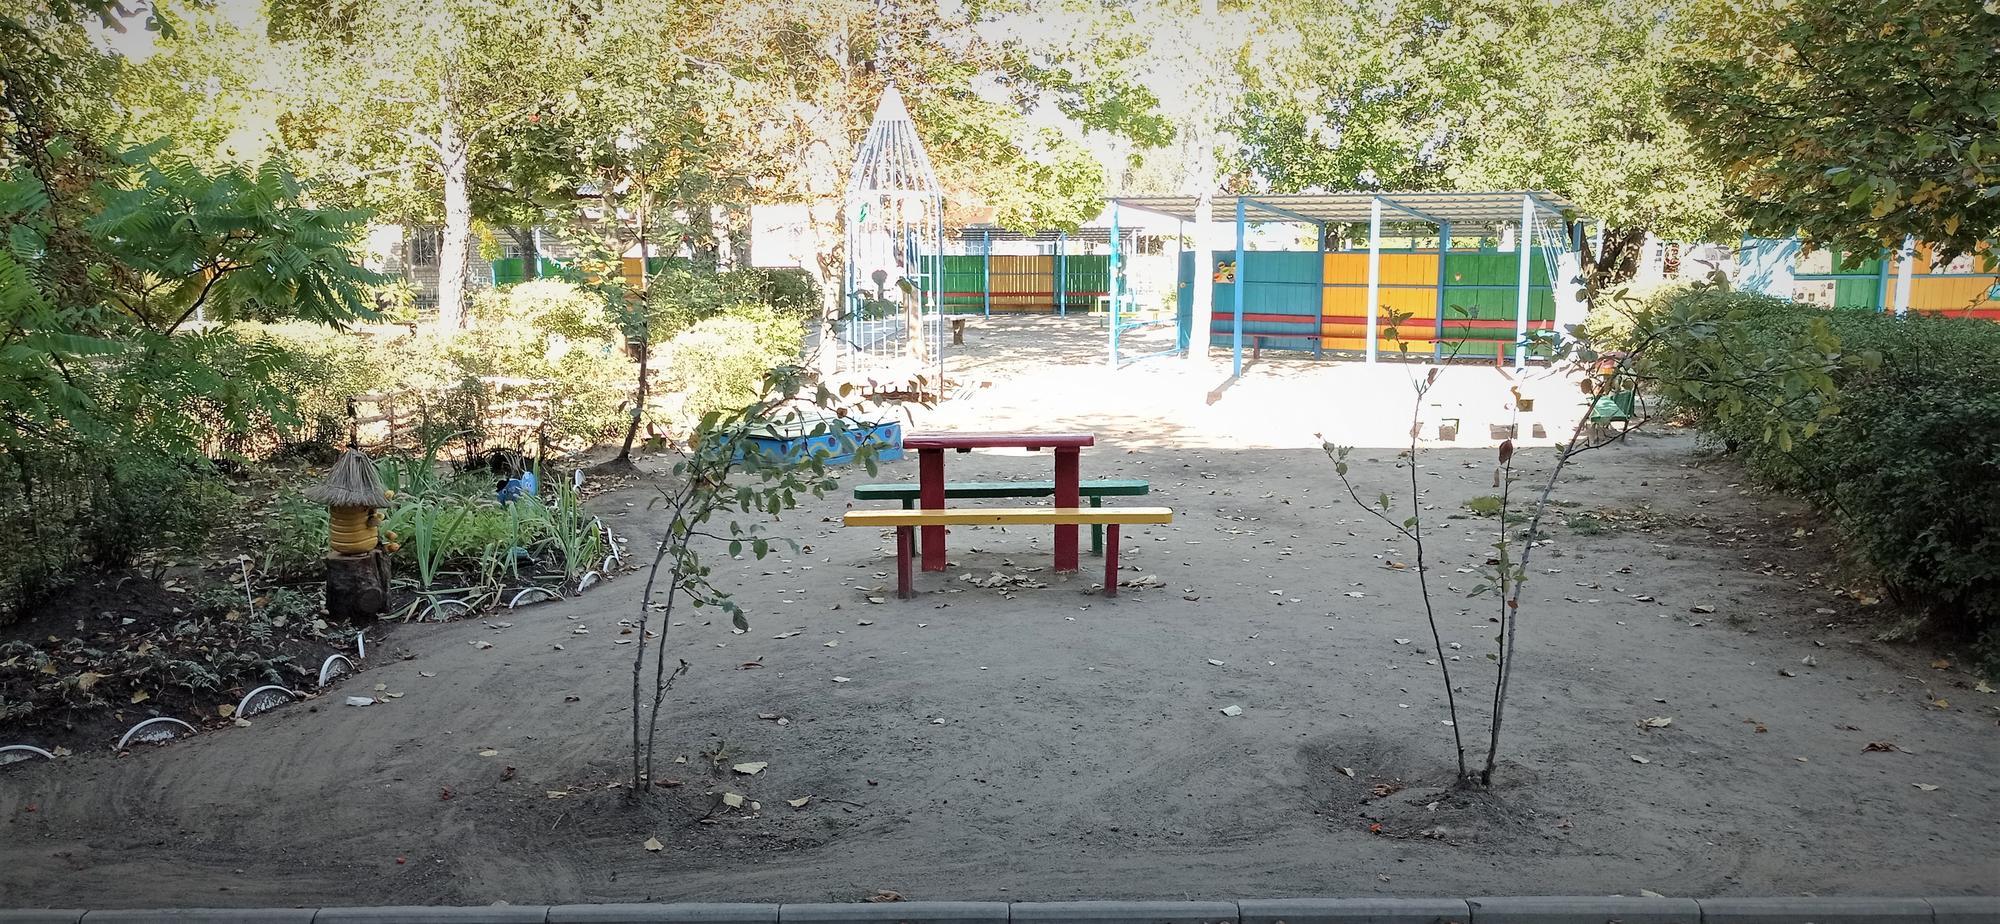 дитячий садок Світлячок у Бахмуті